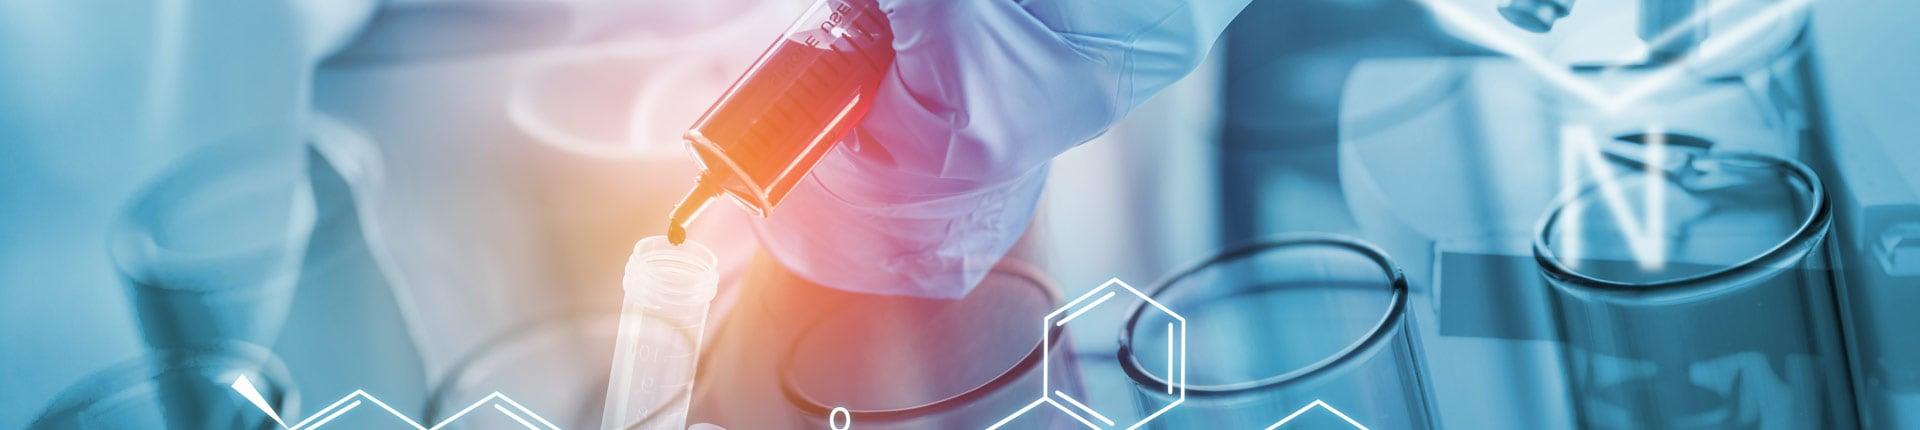 Testosteron, a redukcja tkanki tłuszczowej